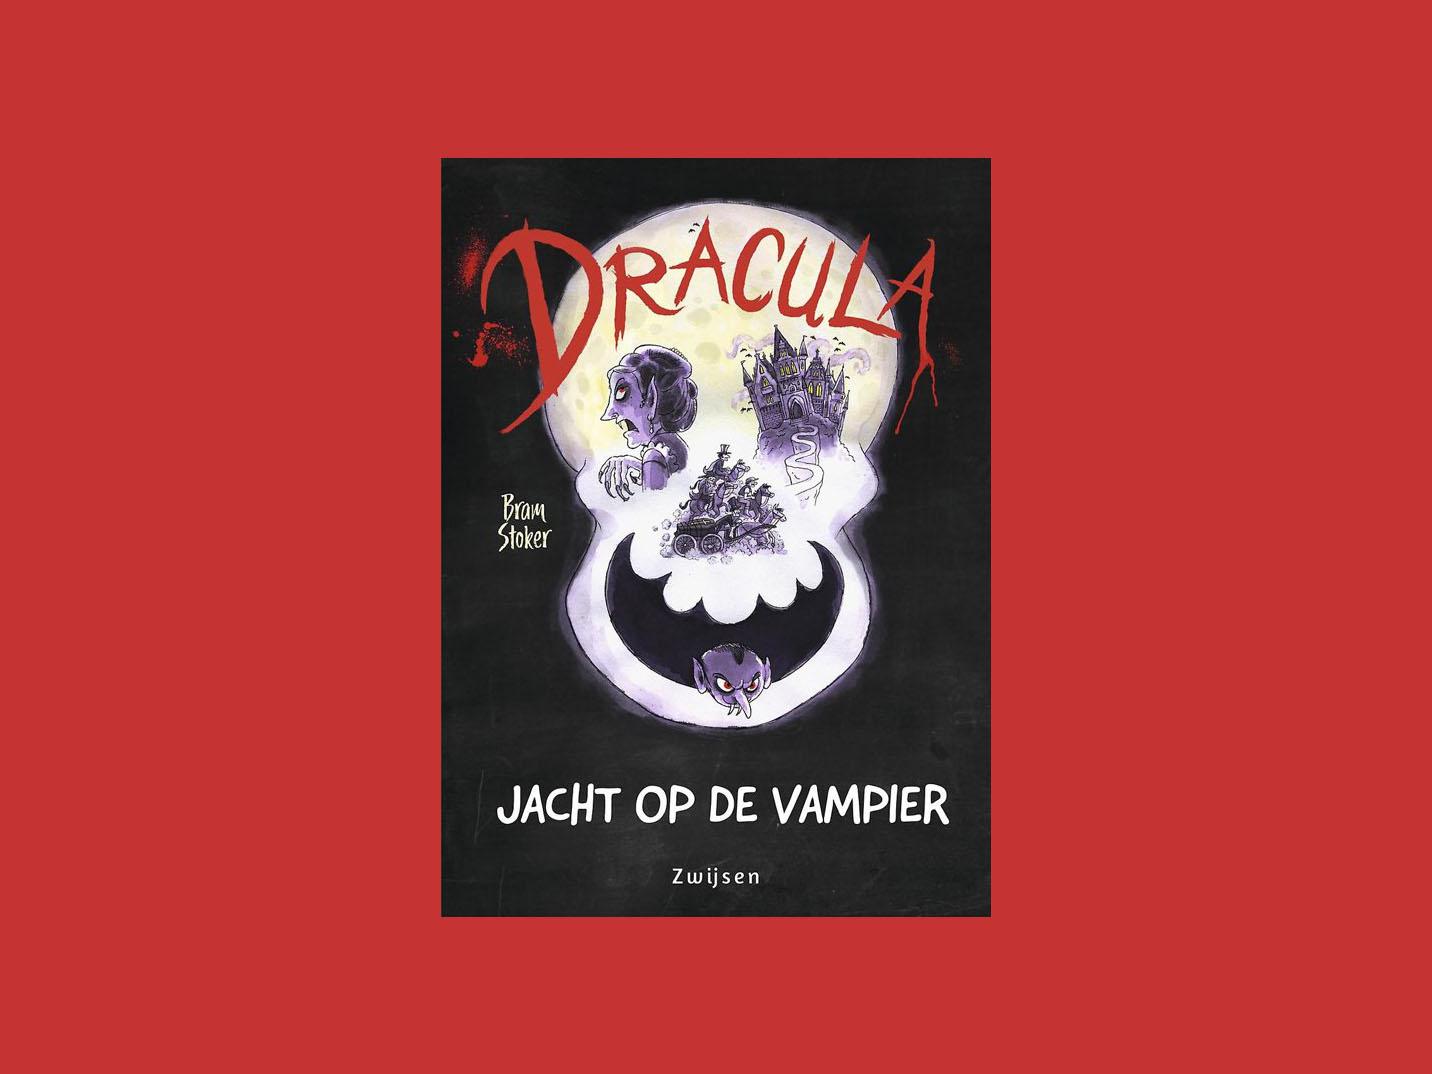 Boekbespreking Dracula, jacht op de vampier